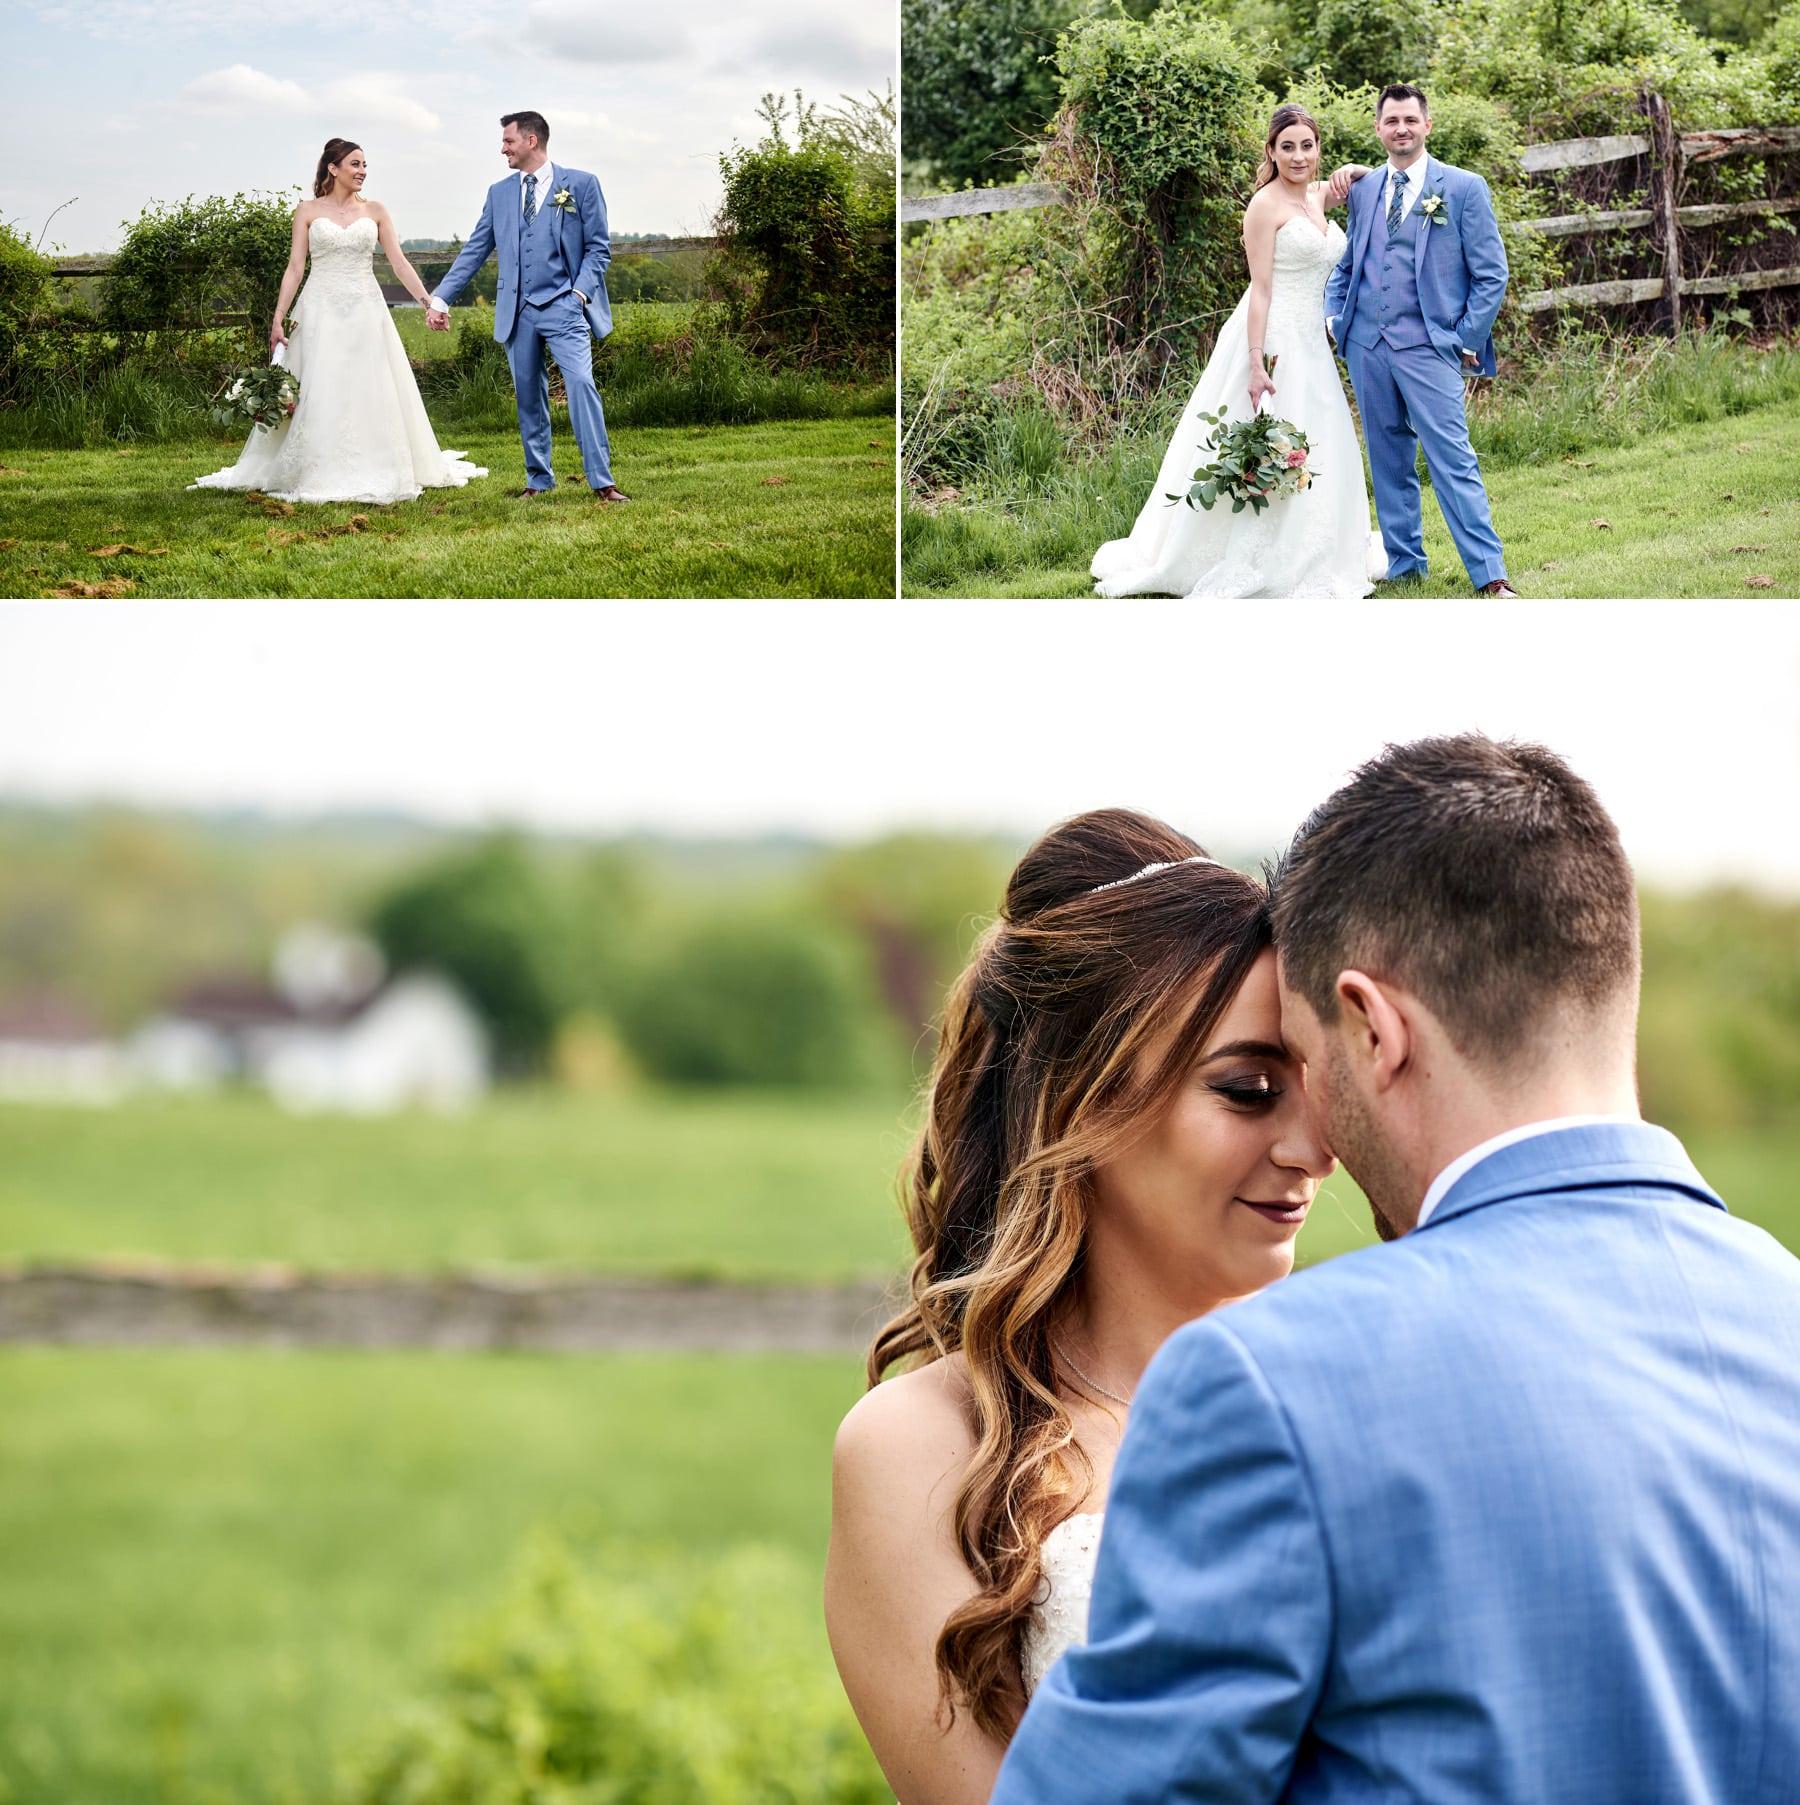 wedding photos at basking ridge country club